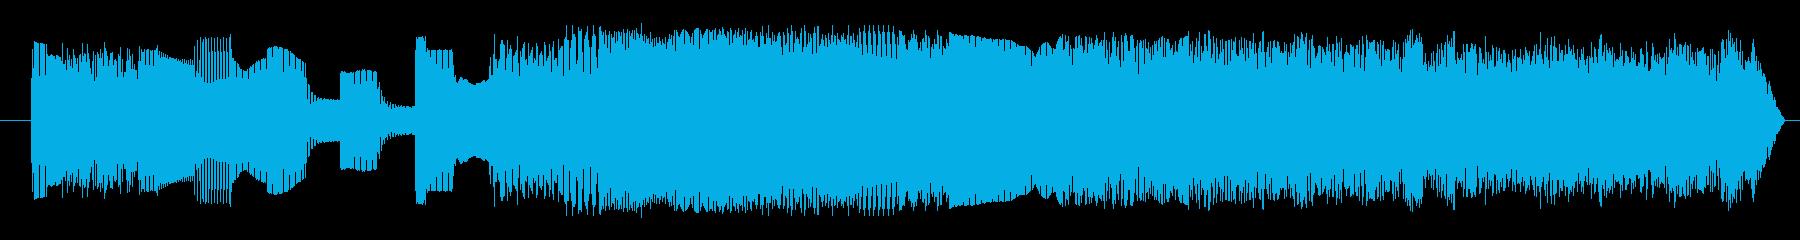 FX クレイジーサイエンティスト03の再生済みの波形